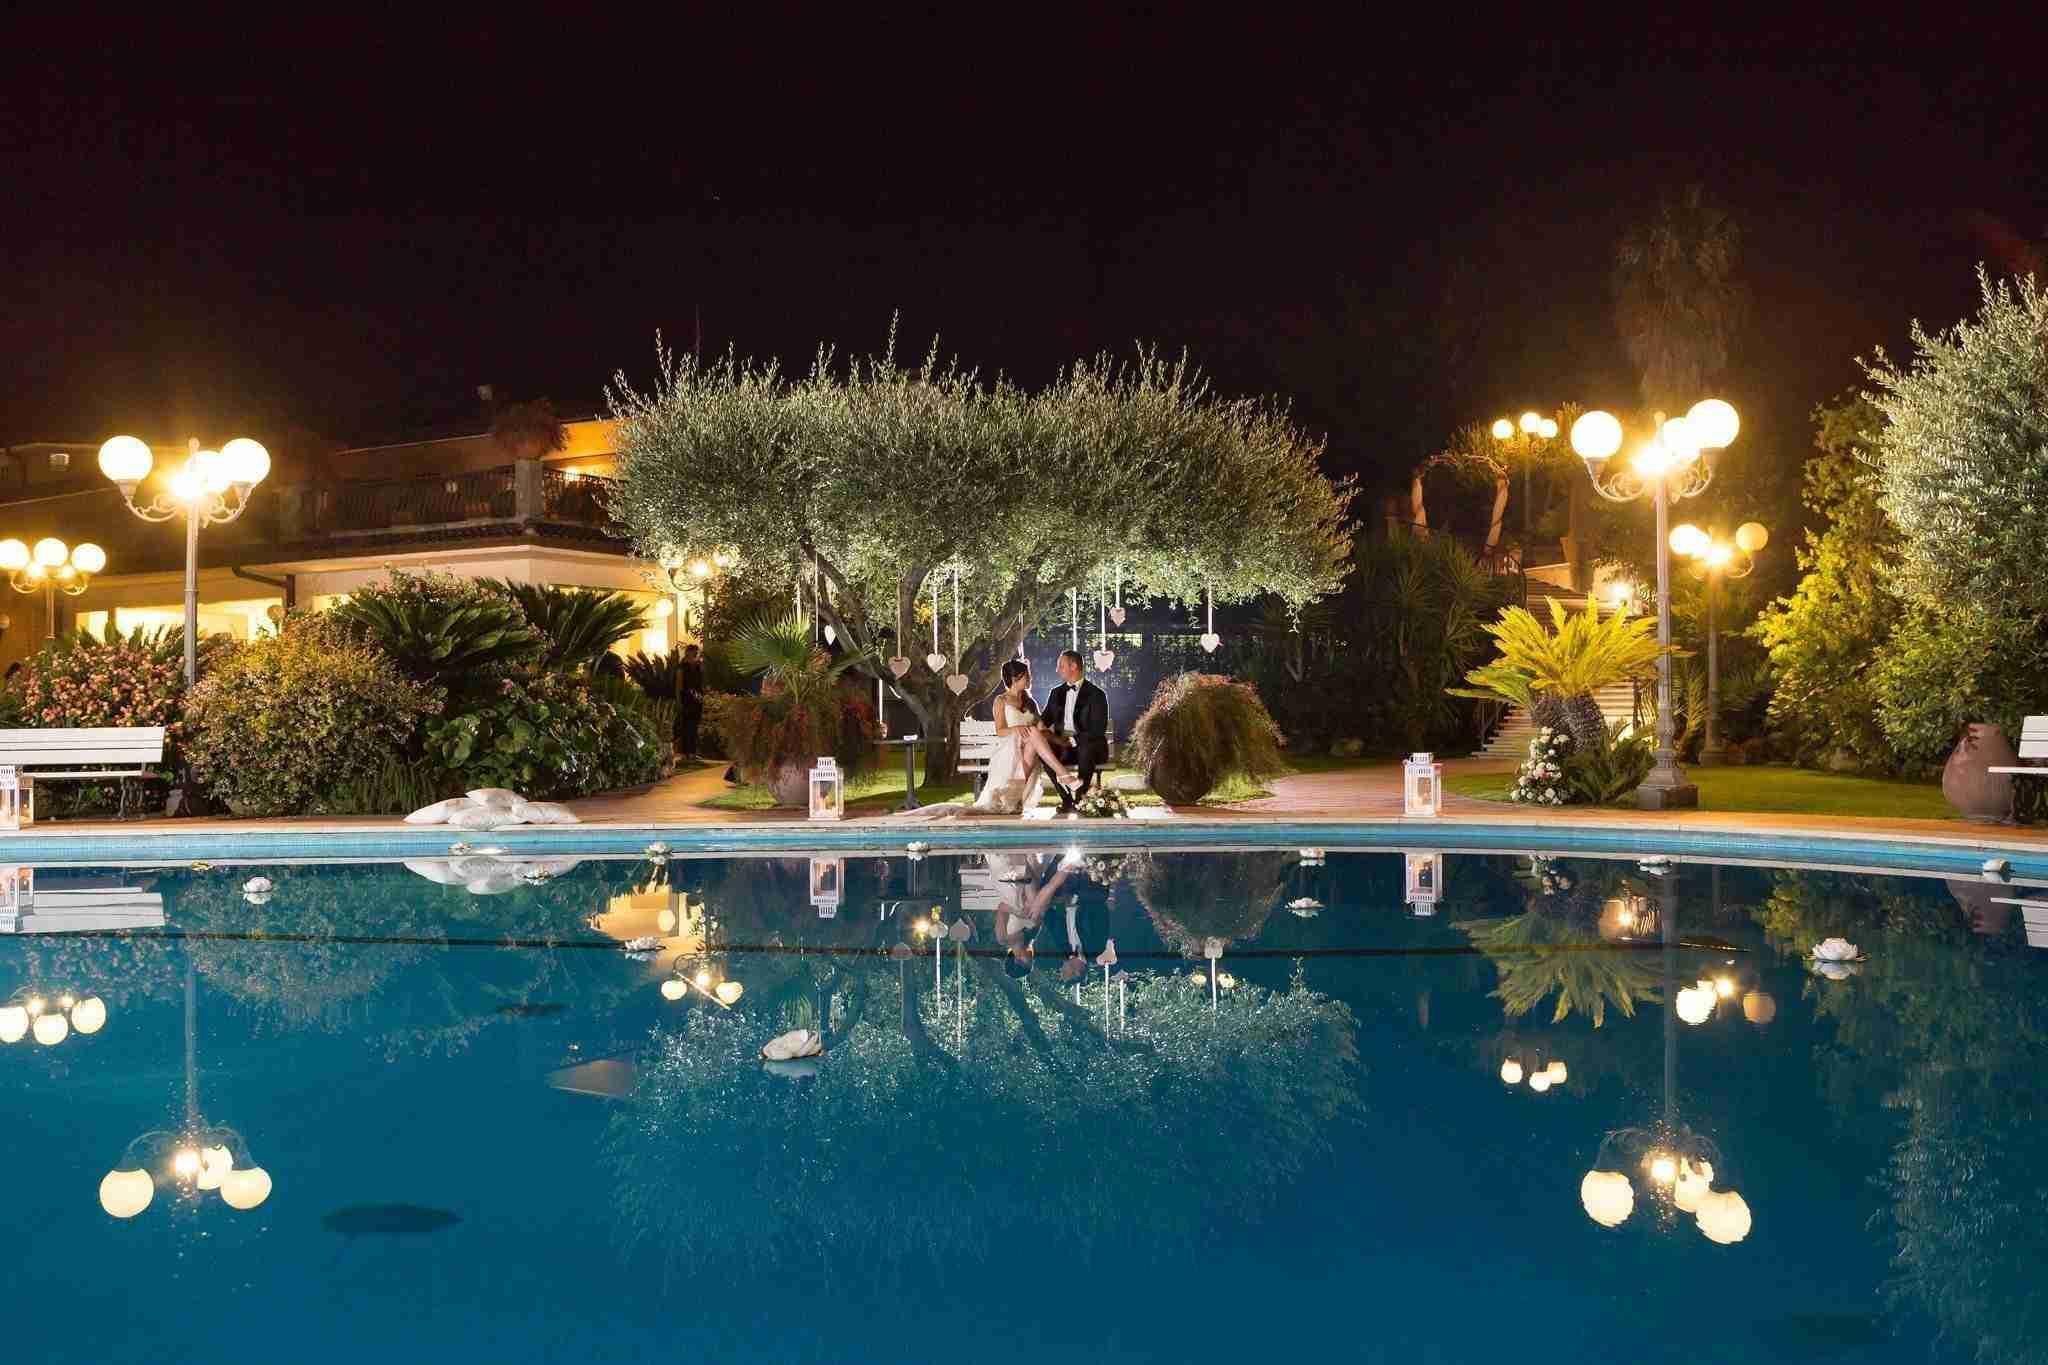 Matrimonio a Villa Cinardi: Esterno, piscina in notturno